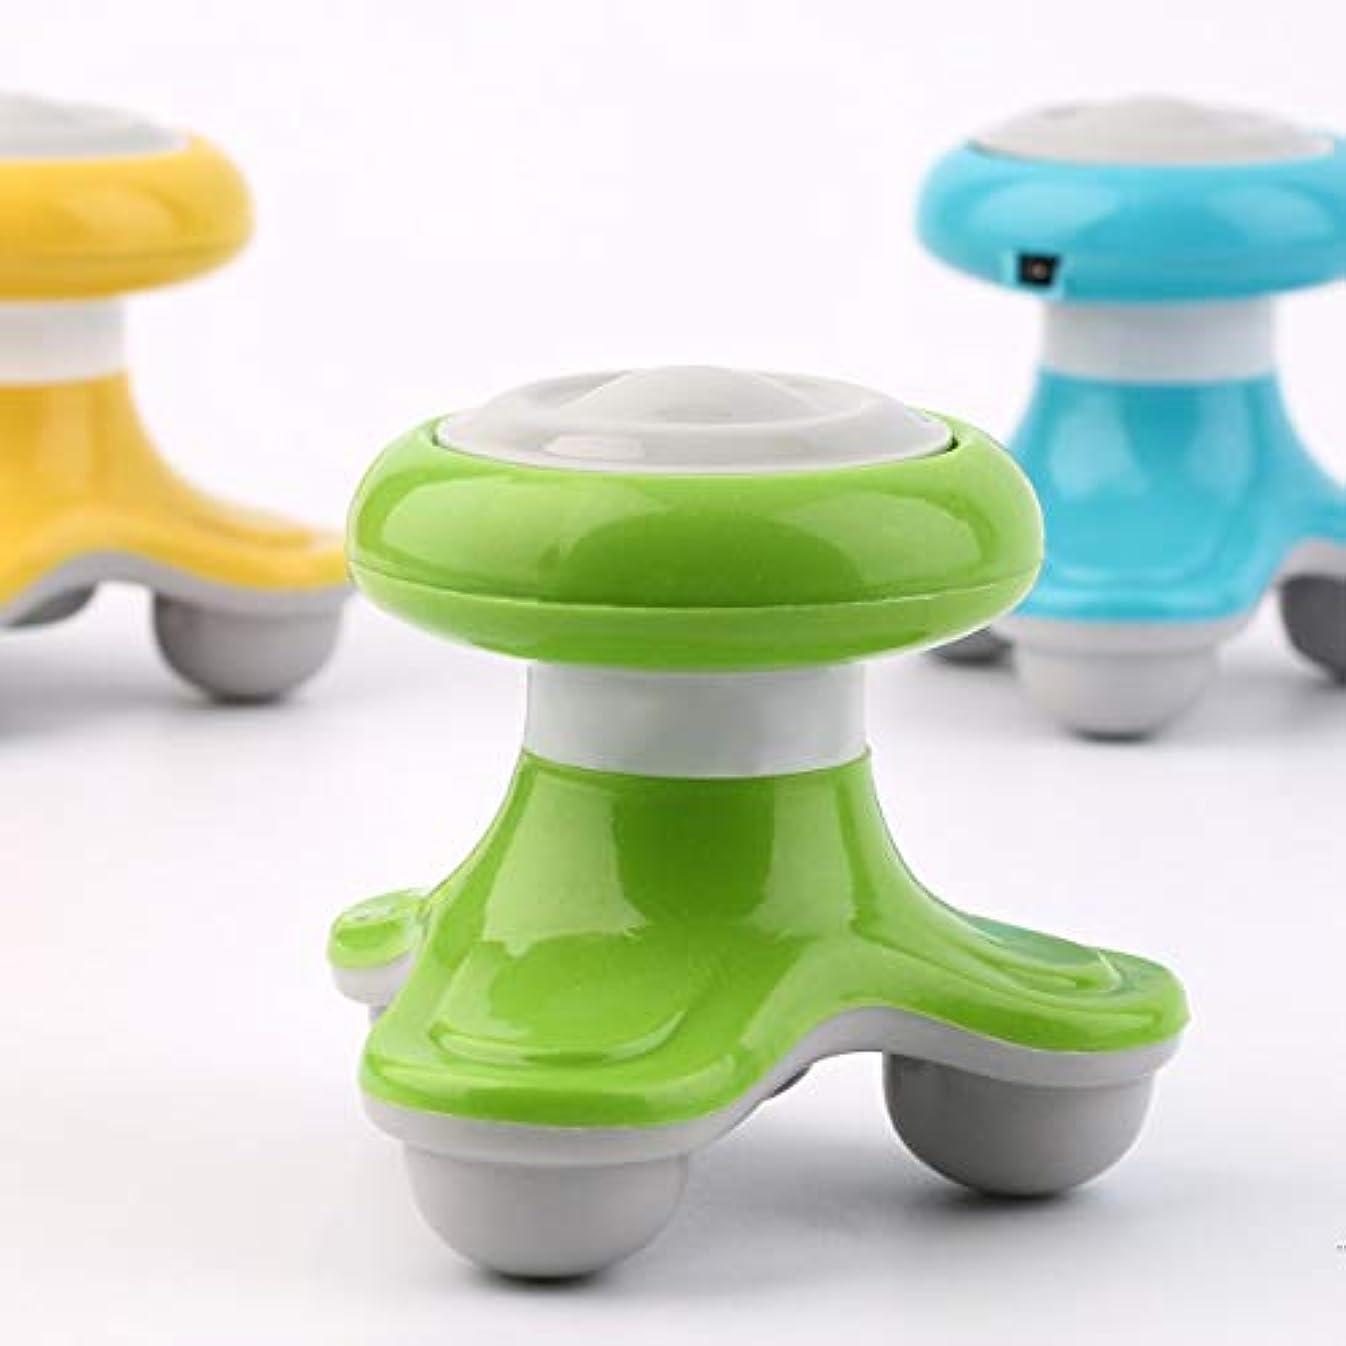 理解コーン。Mini Electric Handled Wave Vibrating Massager USB Battery Full Body Massage Ultra-compact Lightweight Convenient...